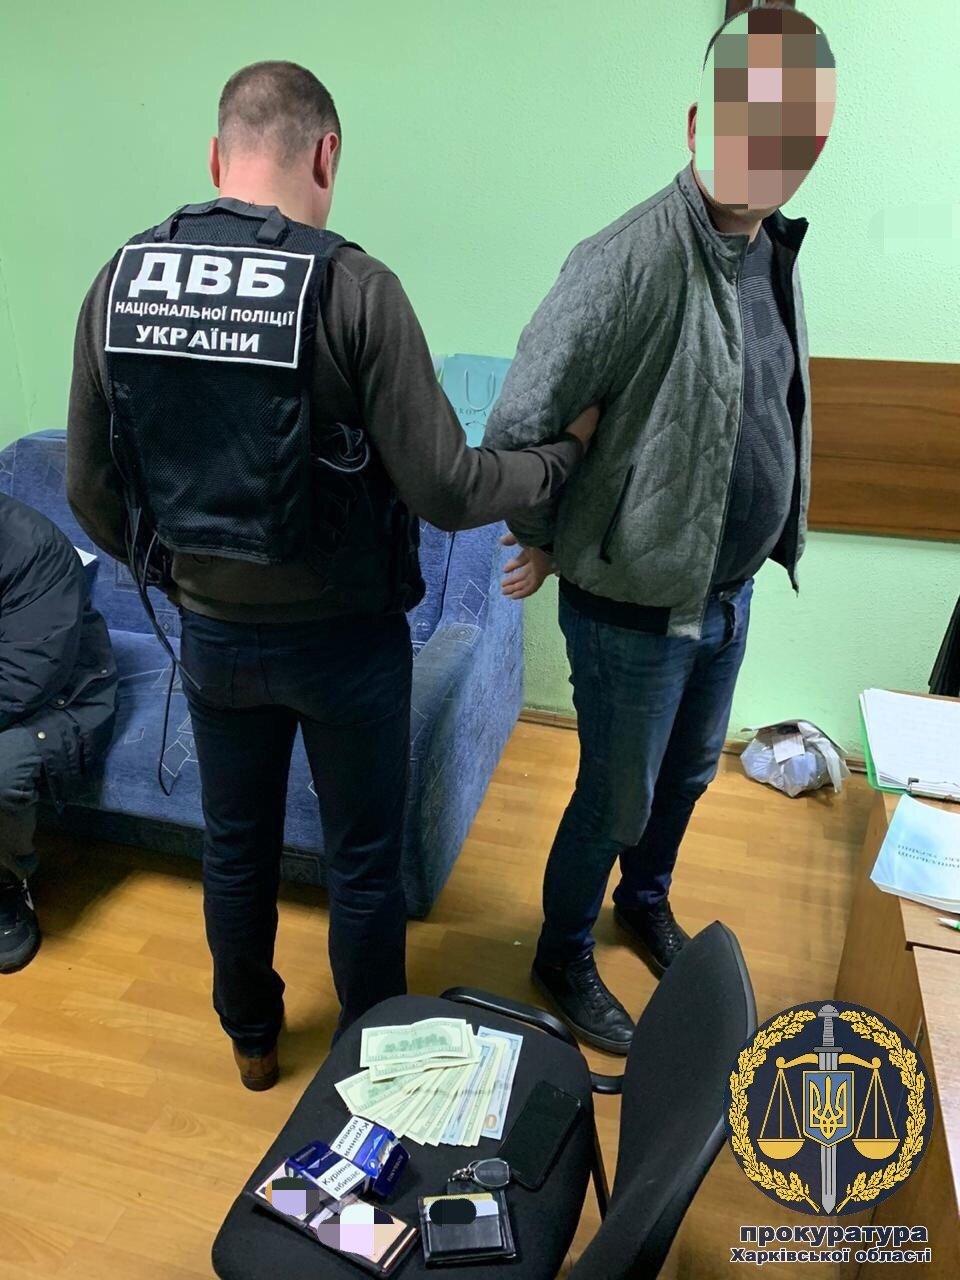 Пропонував закрити кримінальне провадження відносно друзів: у Харкові чоловік намагався підкупити слідчого поліції, - ФОТО, фото-1